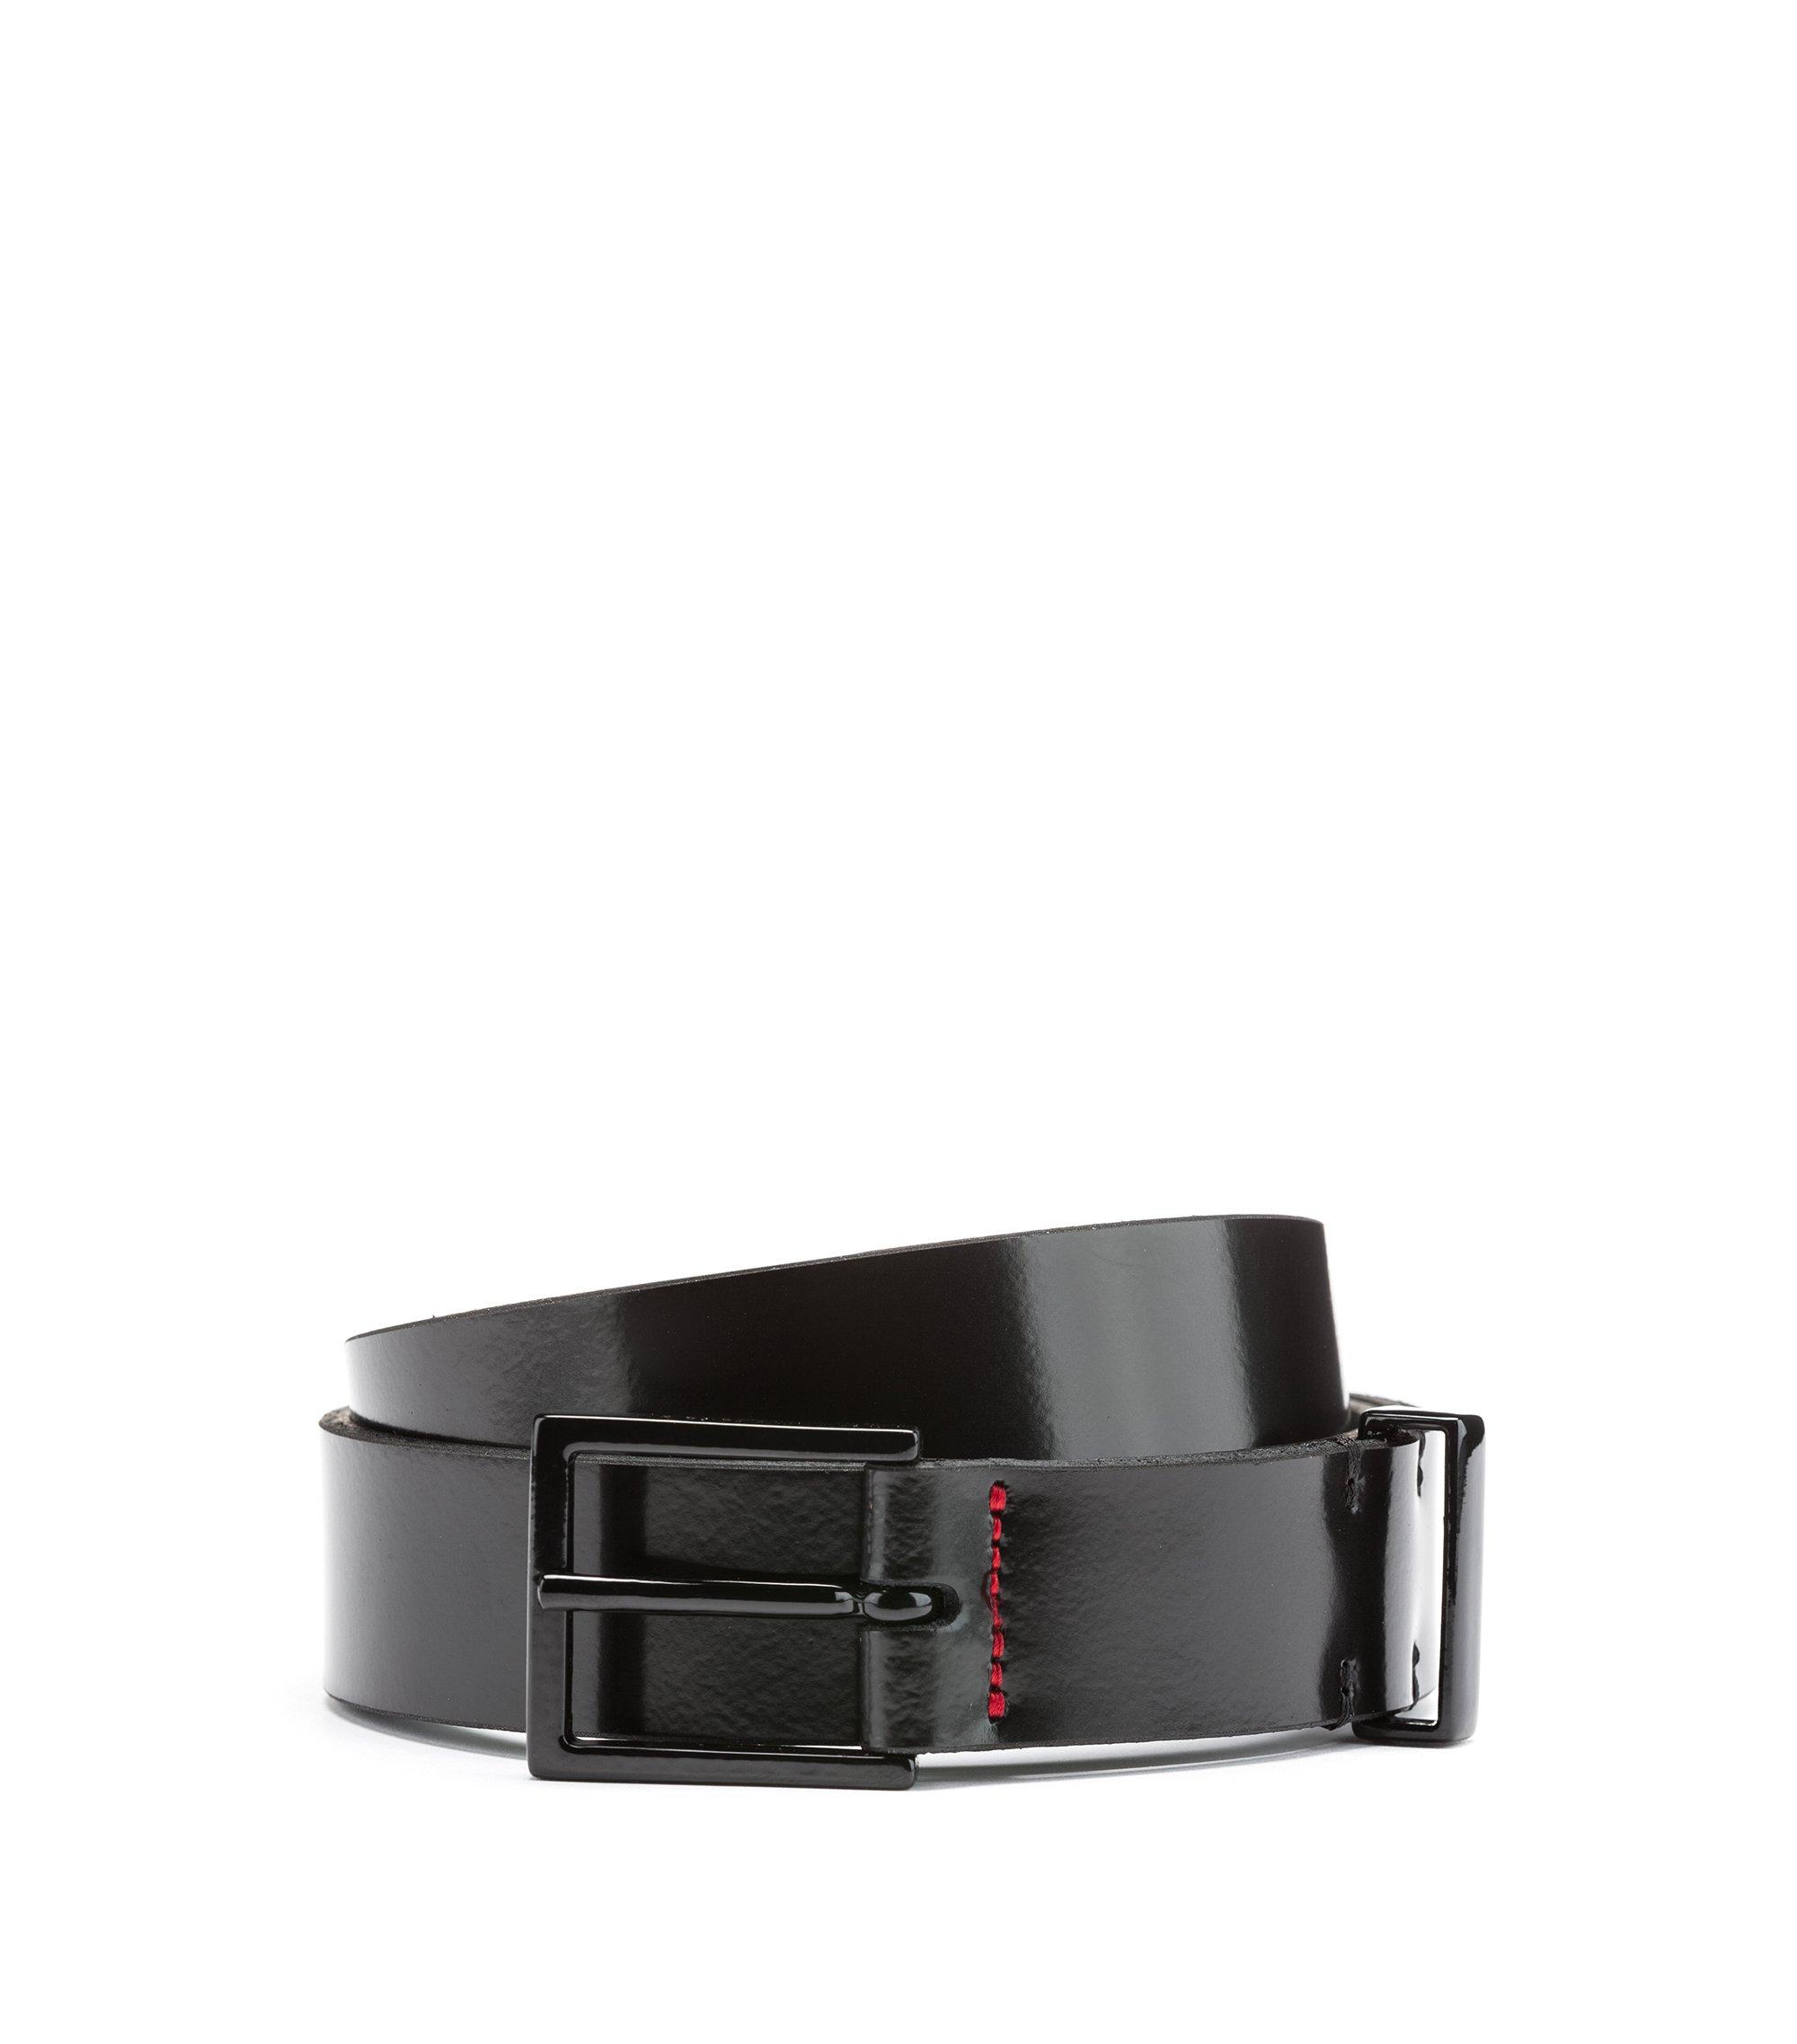 Smooth-leather belt with black-varnished hardware, Black